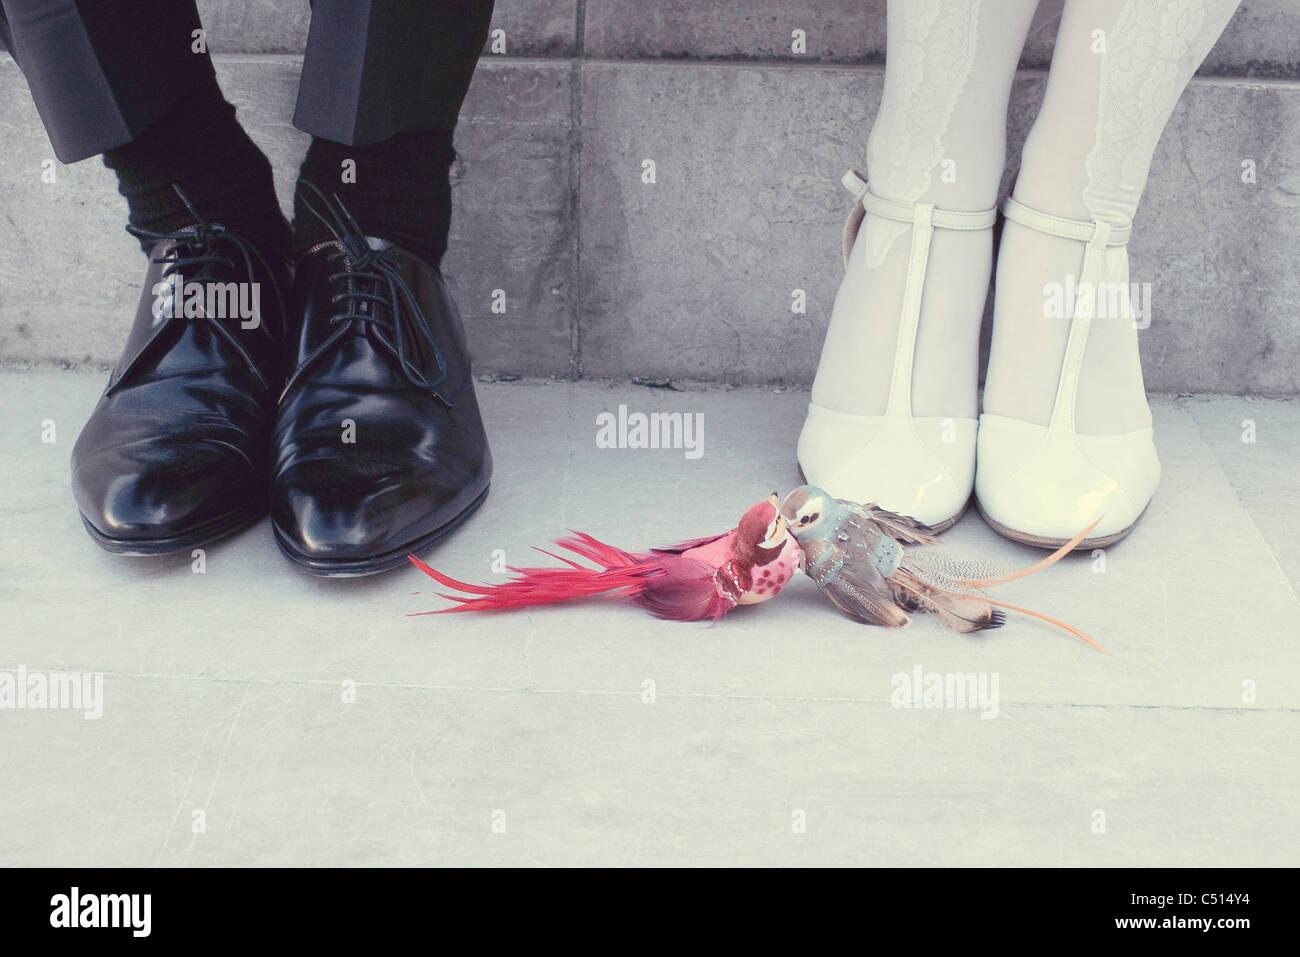 Paar, sitzen nebeneinander, Liebe Vögel Glücksbringer von ihren Füßen, niedrige Abschnitt Stockbild